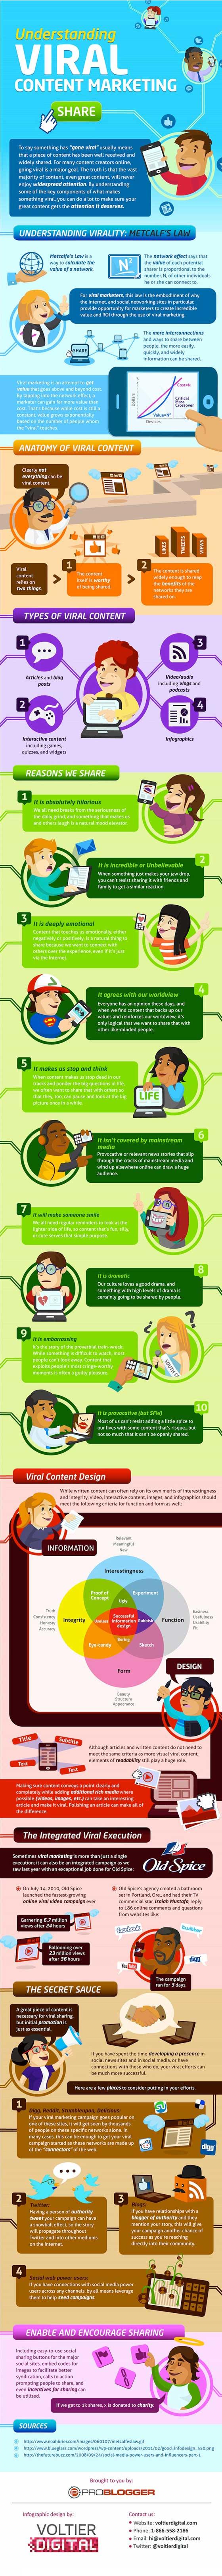 Come produrre content marketing virale